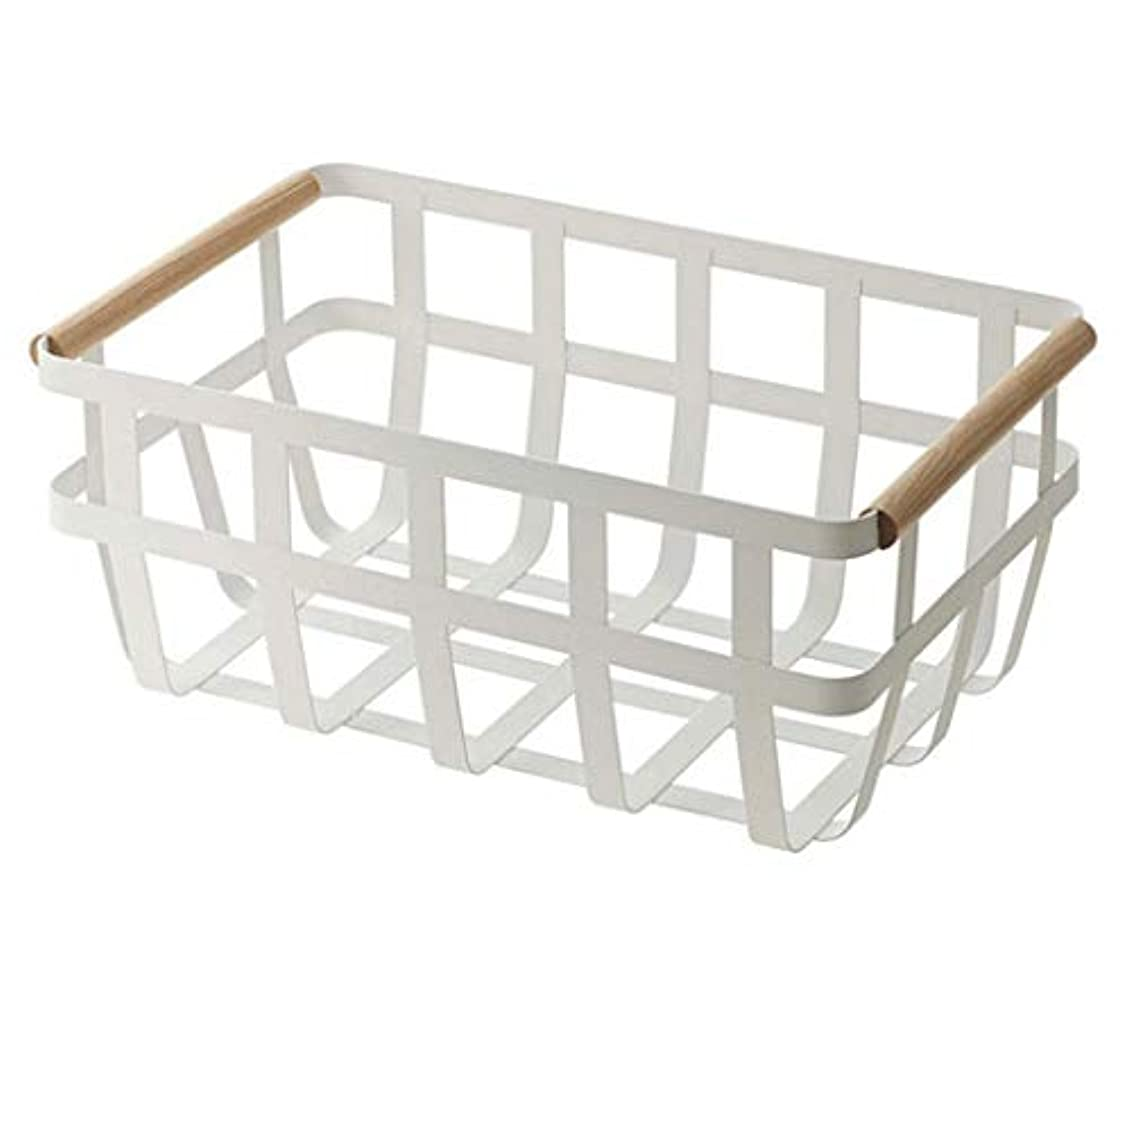 スムーズにホステル兄SMMRB 鍛鉄製のスナック収納バスケット大型収納ボックスシンプルな食料品収納ボックスデスクトップブック仕上げ収納バスケット、白